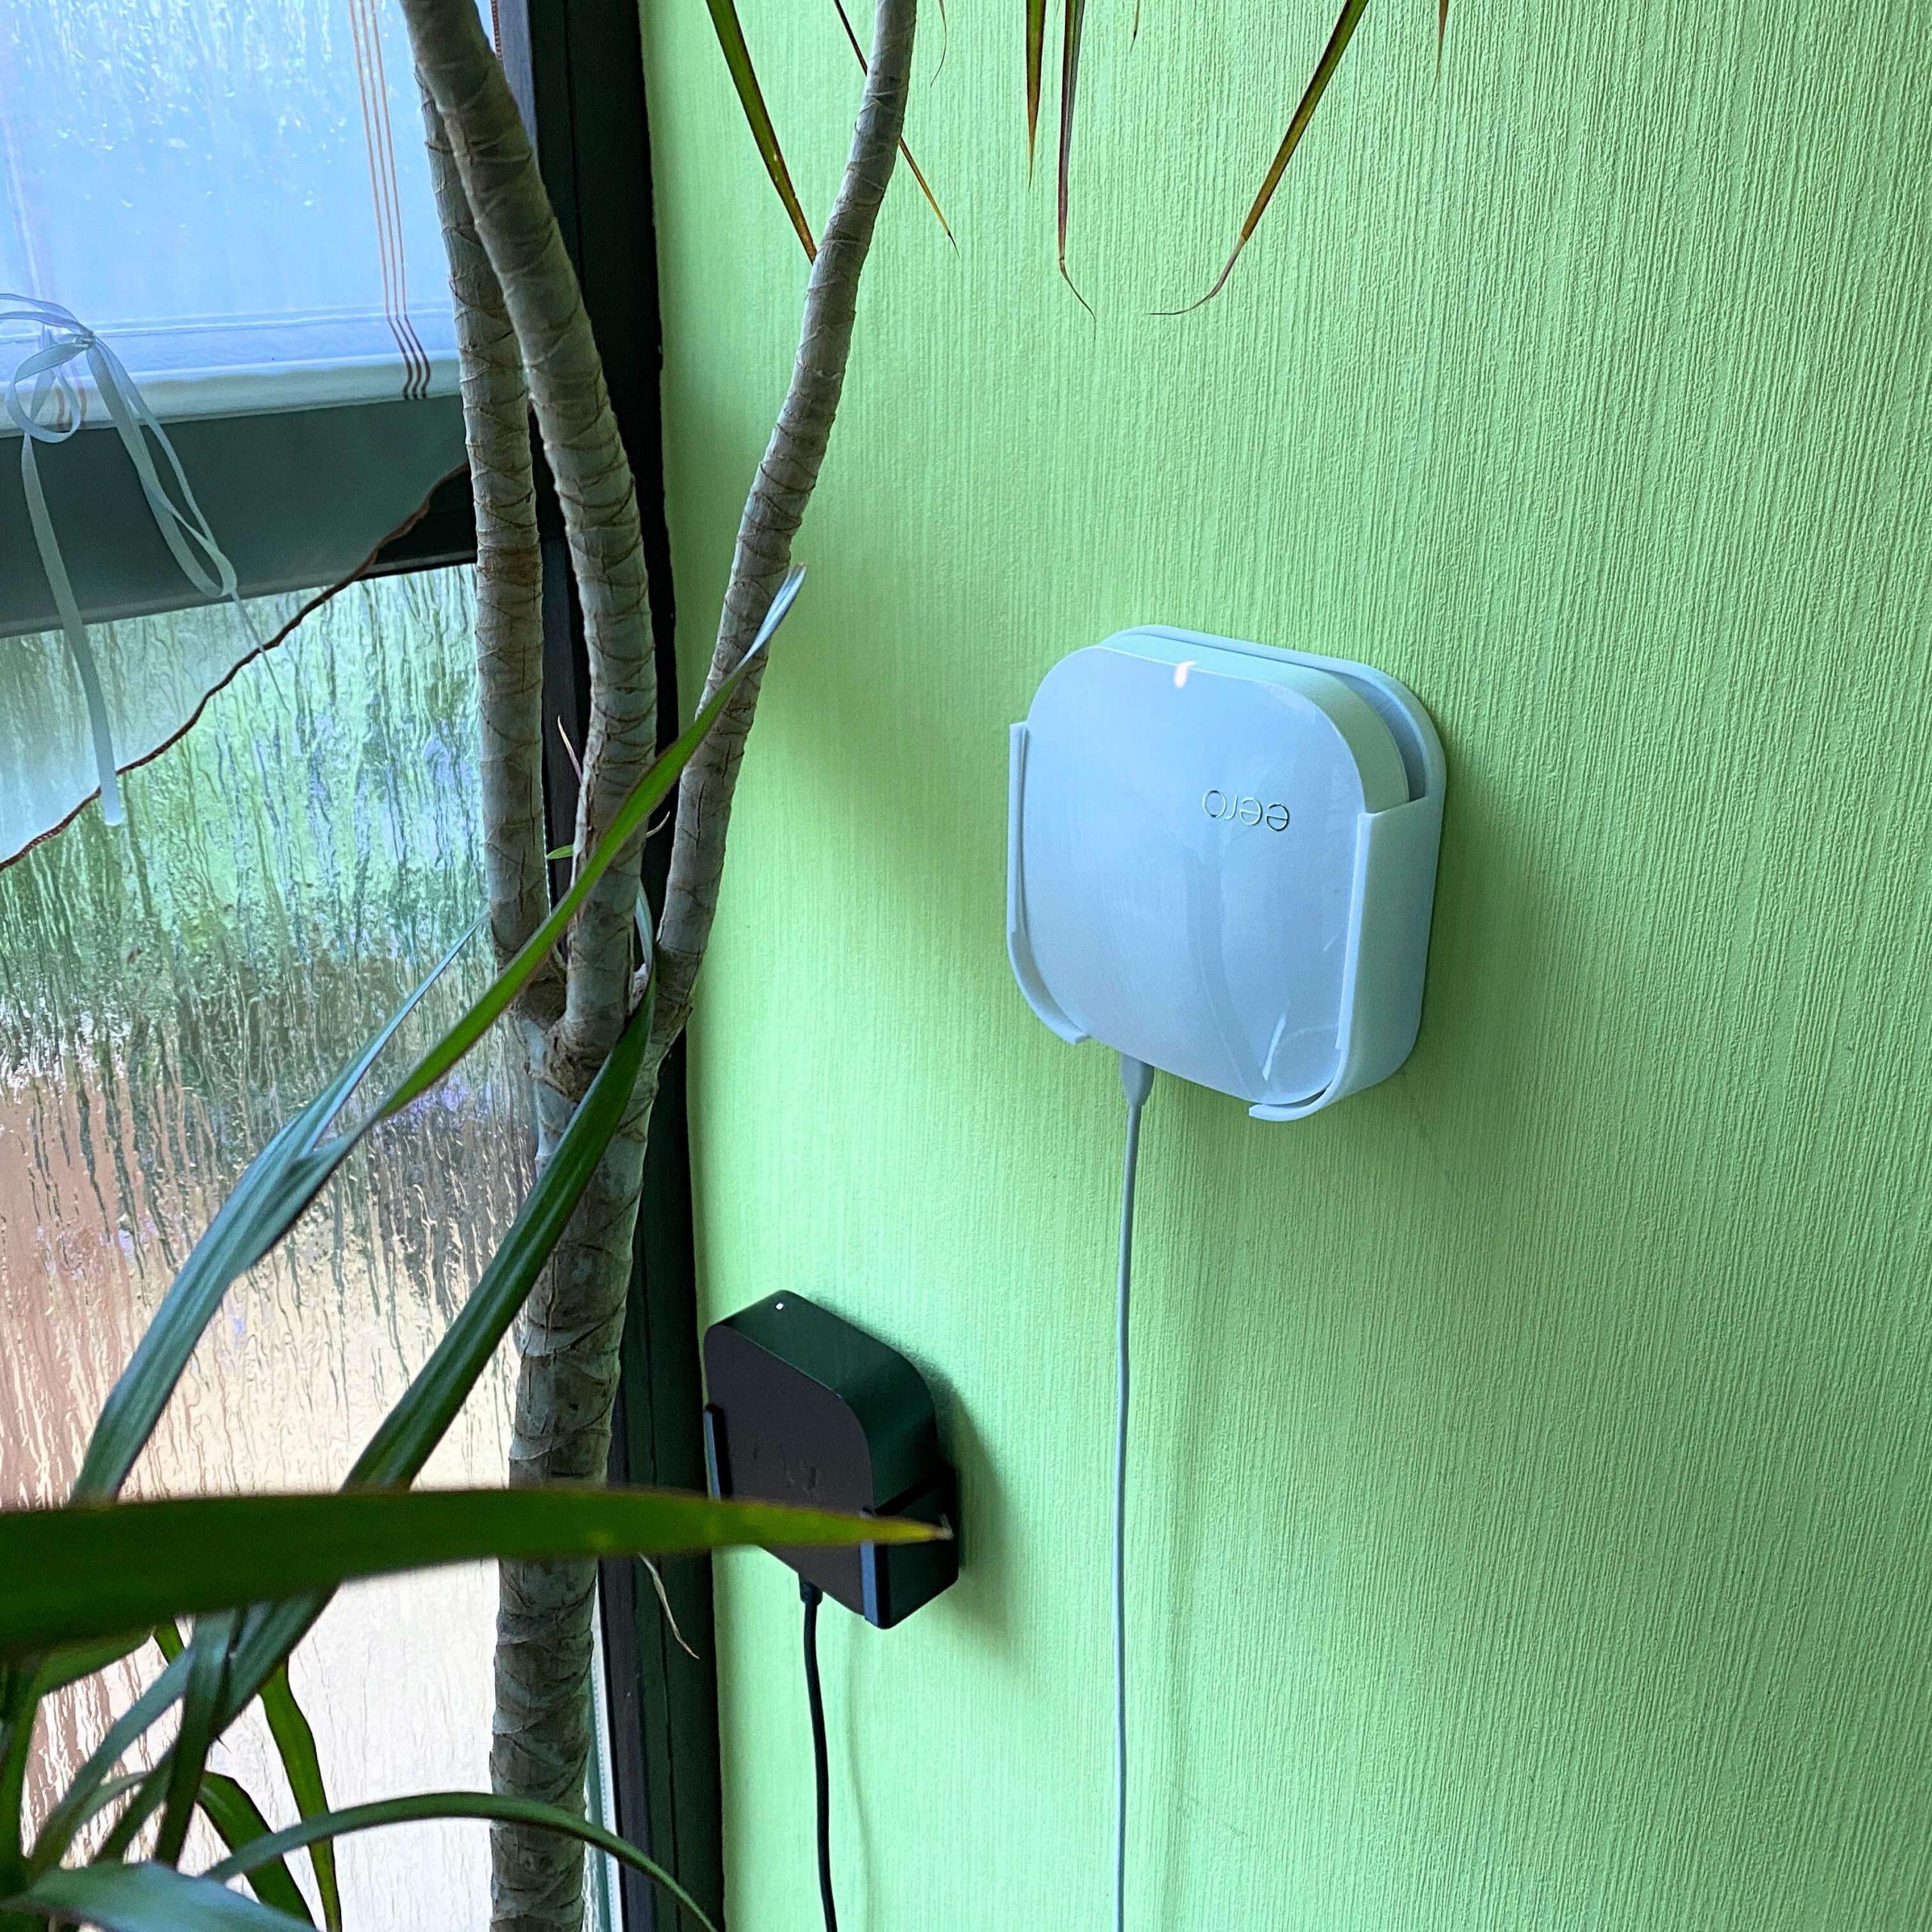 Apple-HomeKit-Router-von-eero-besondere-Sicherheit-im-SmartHome8-scaled Apple HomeKit Router von eero - maximale Sicherheit im Apple HomeKit-Zuhause